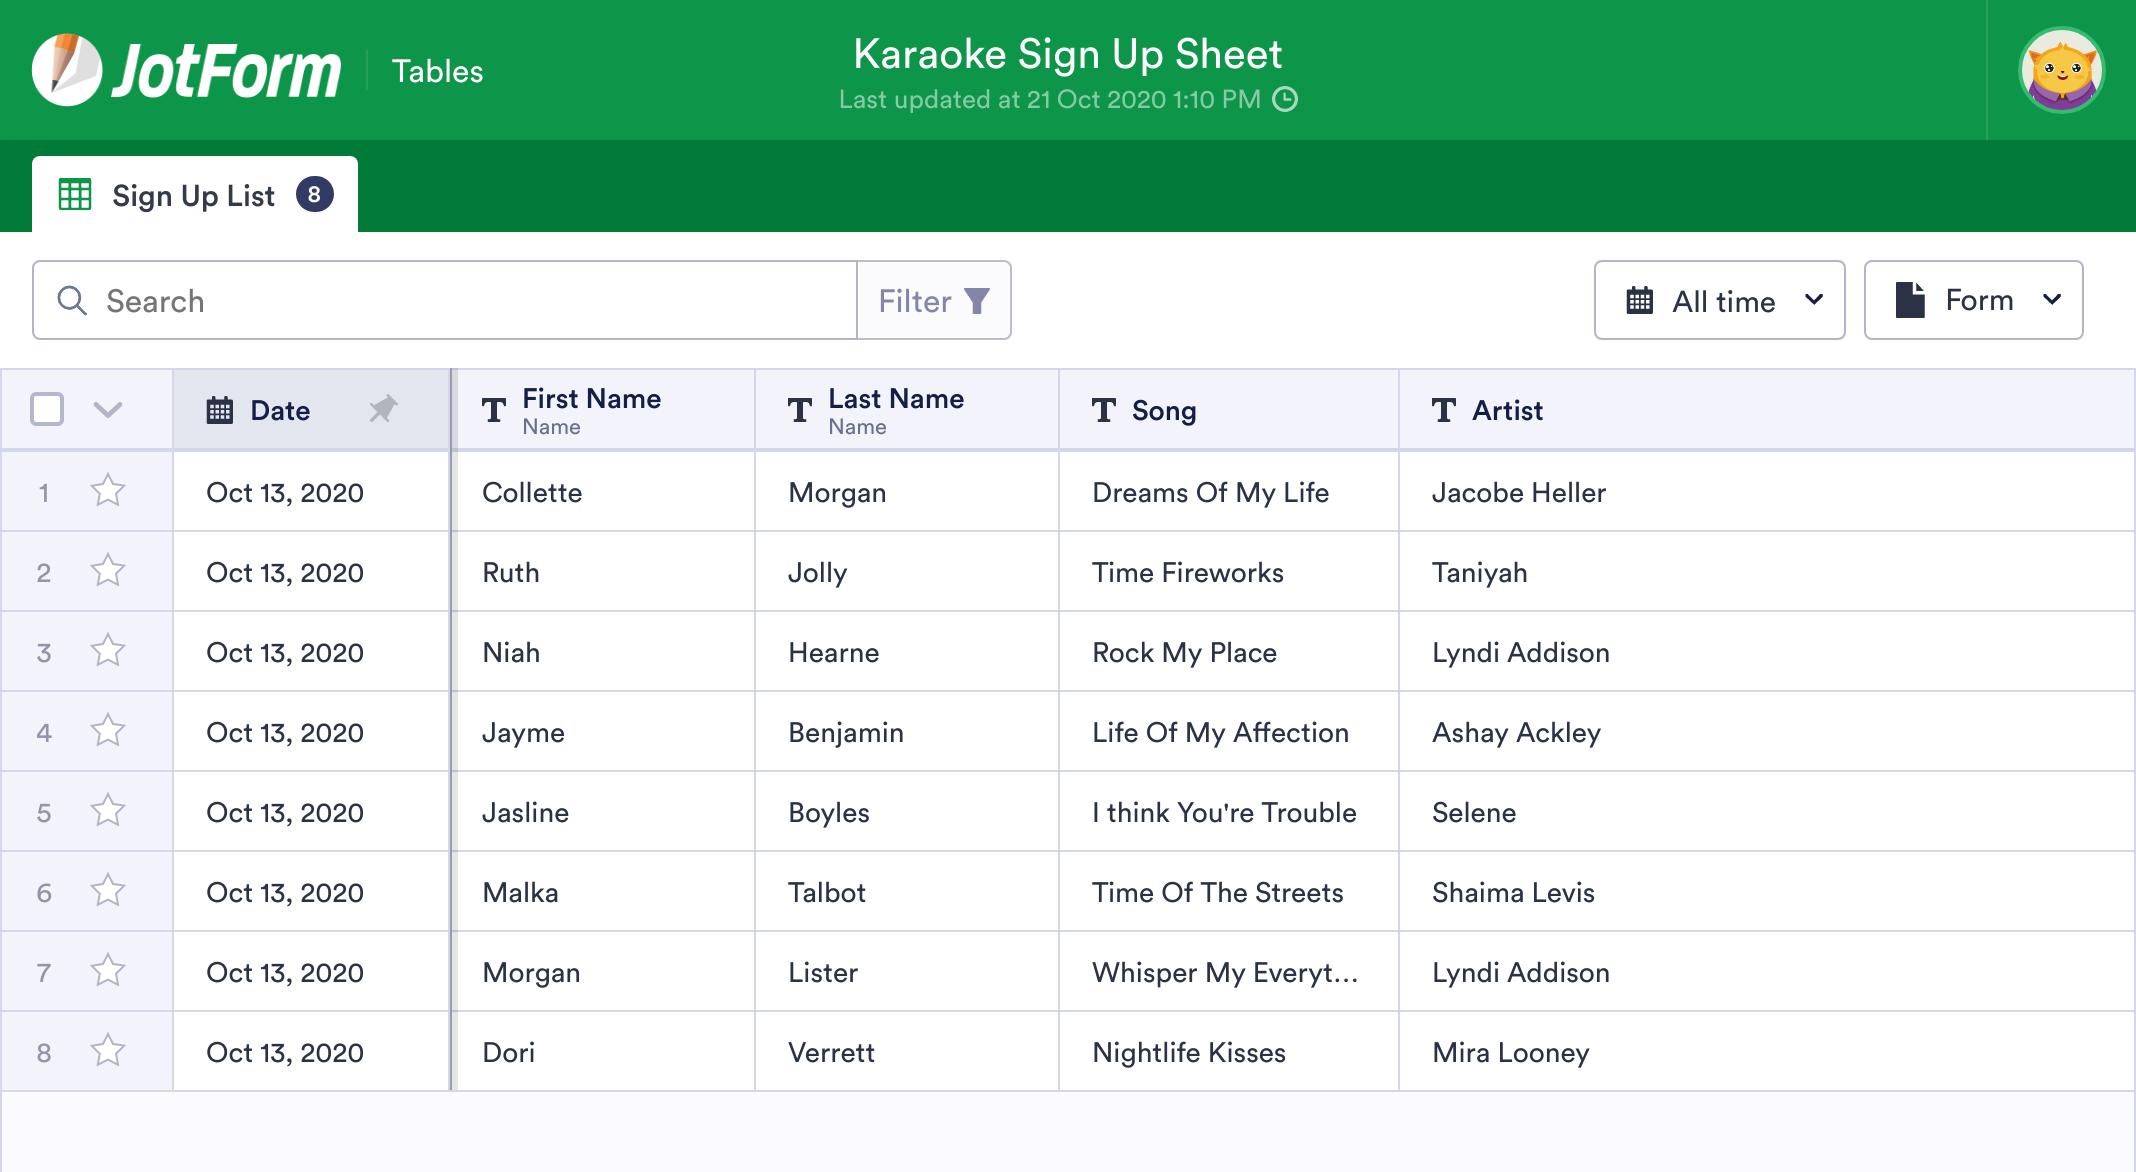 Karaoke Sign Up Sheet